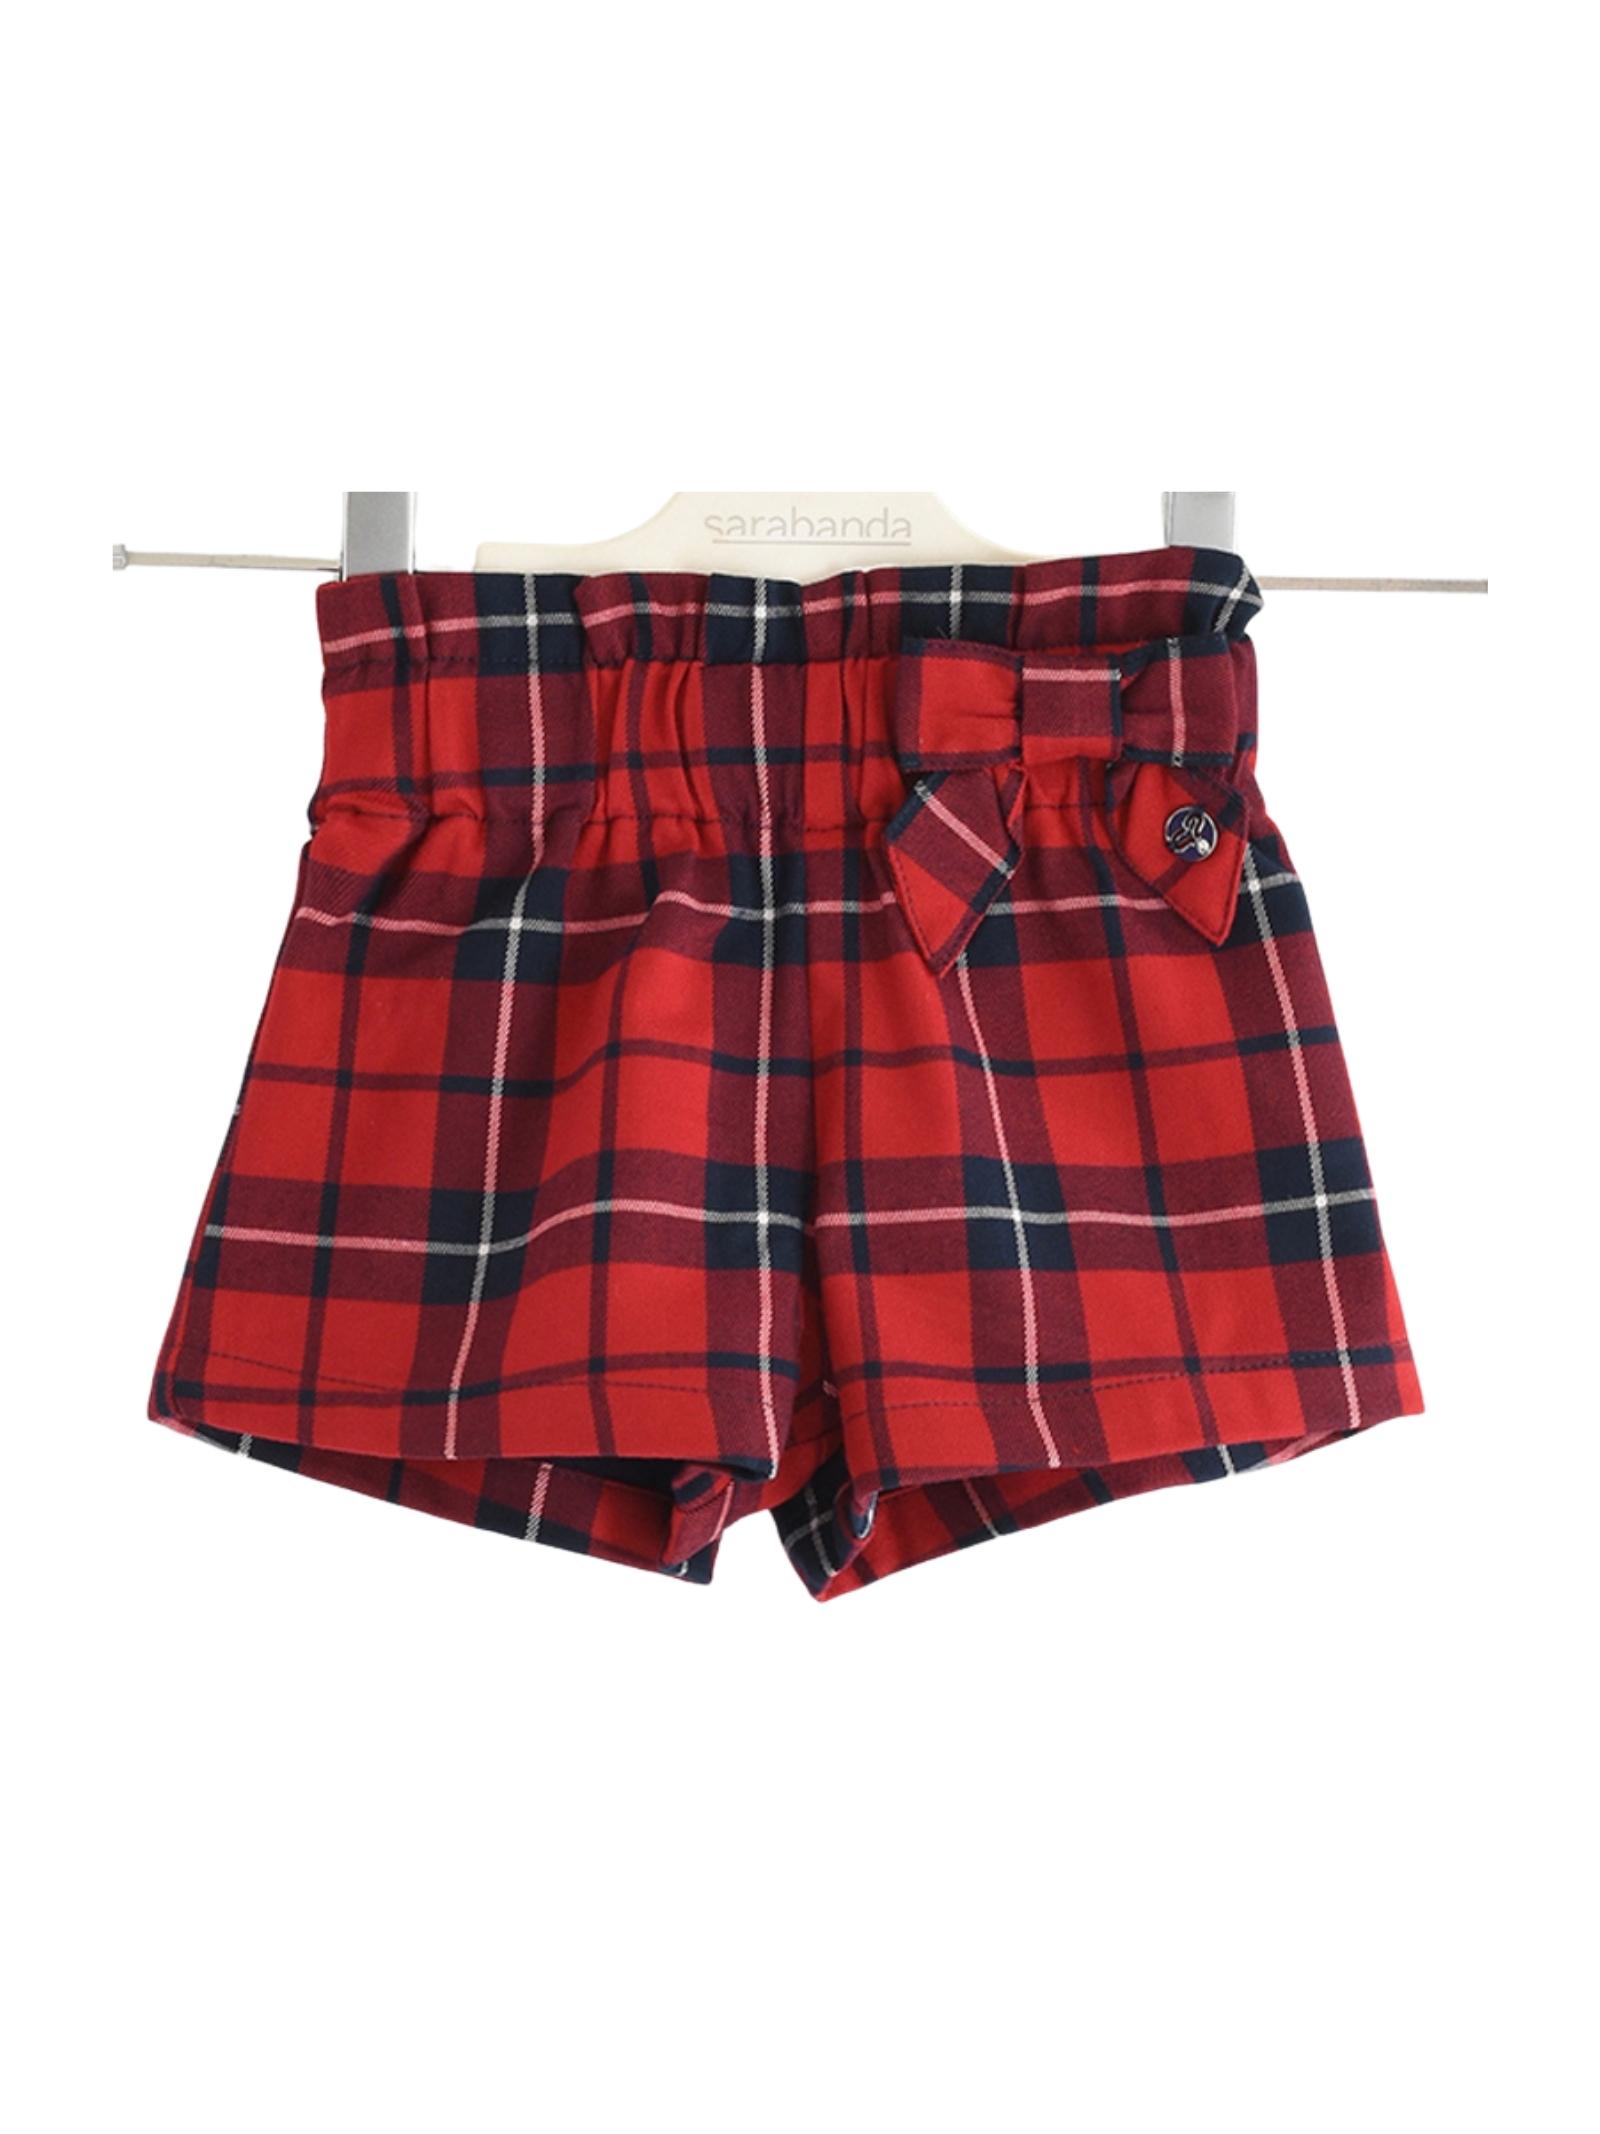 Scottish Girl Shorts SARABANDA | Shorts | 03231002253